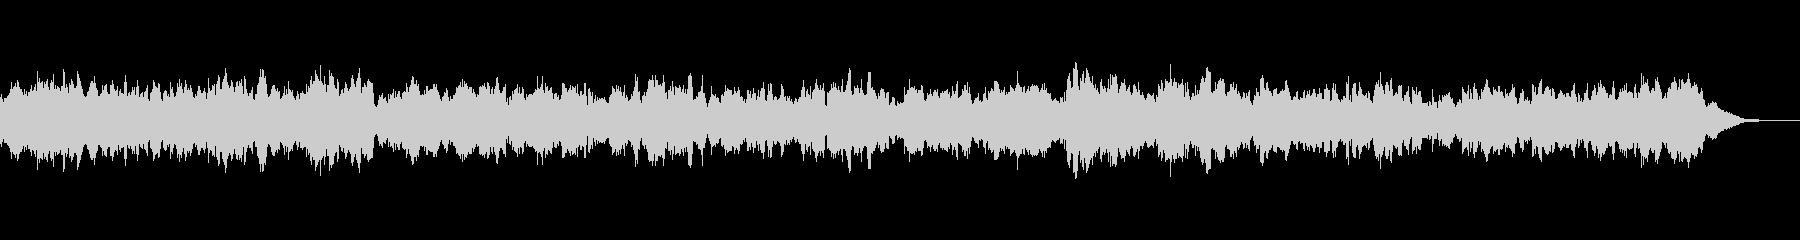 感動シーン用ポップス系弦楽四重奏とハープの未再生の波形